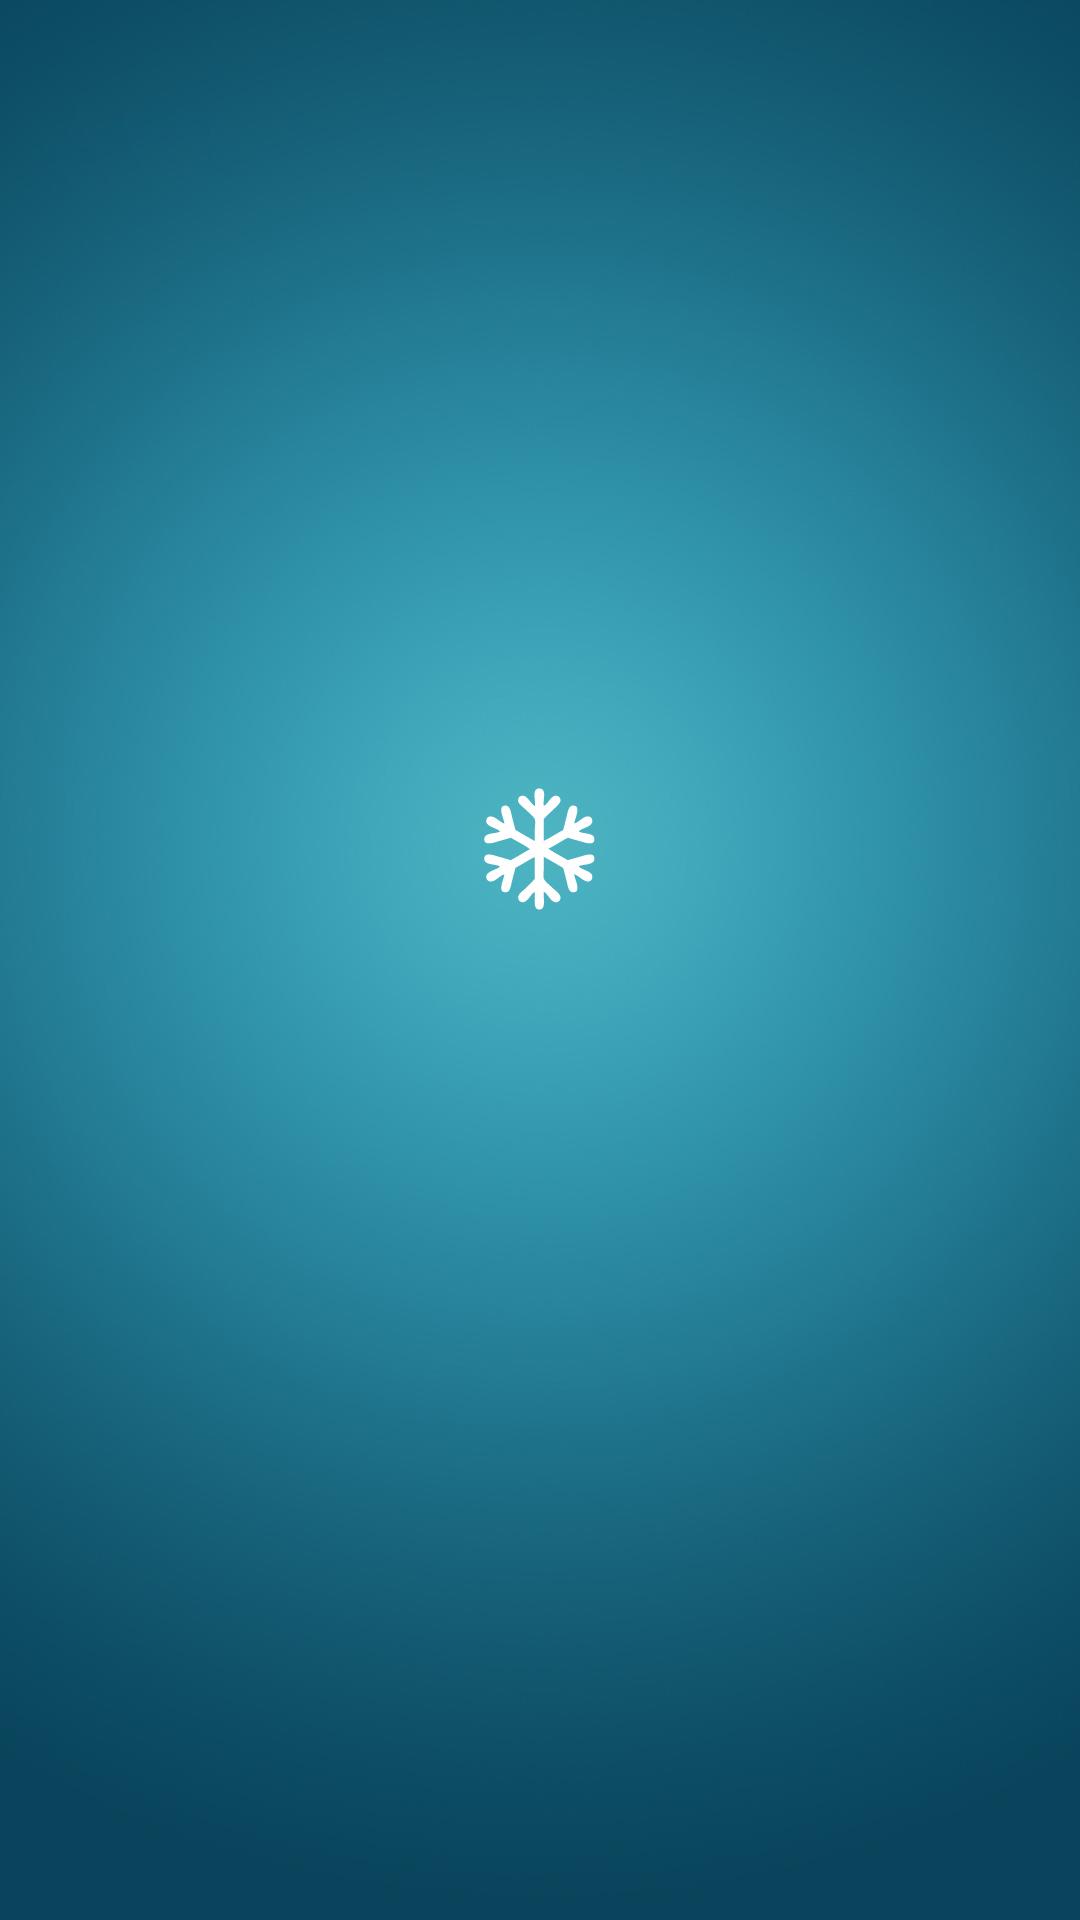 Snowflake 1080x1920